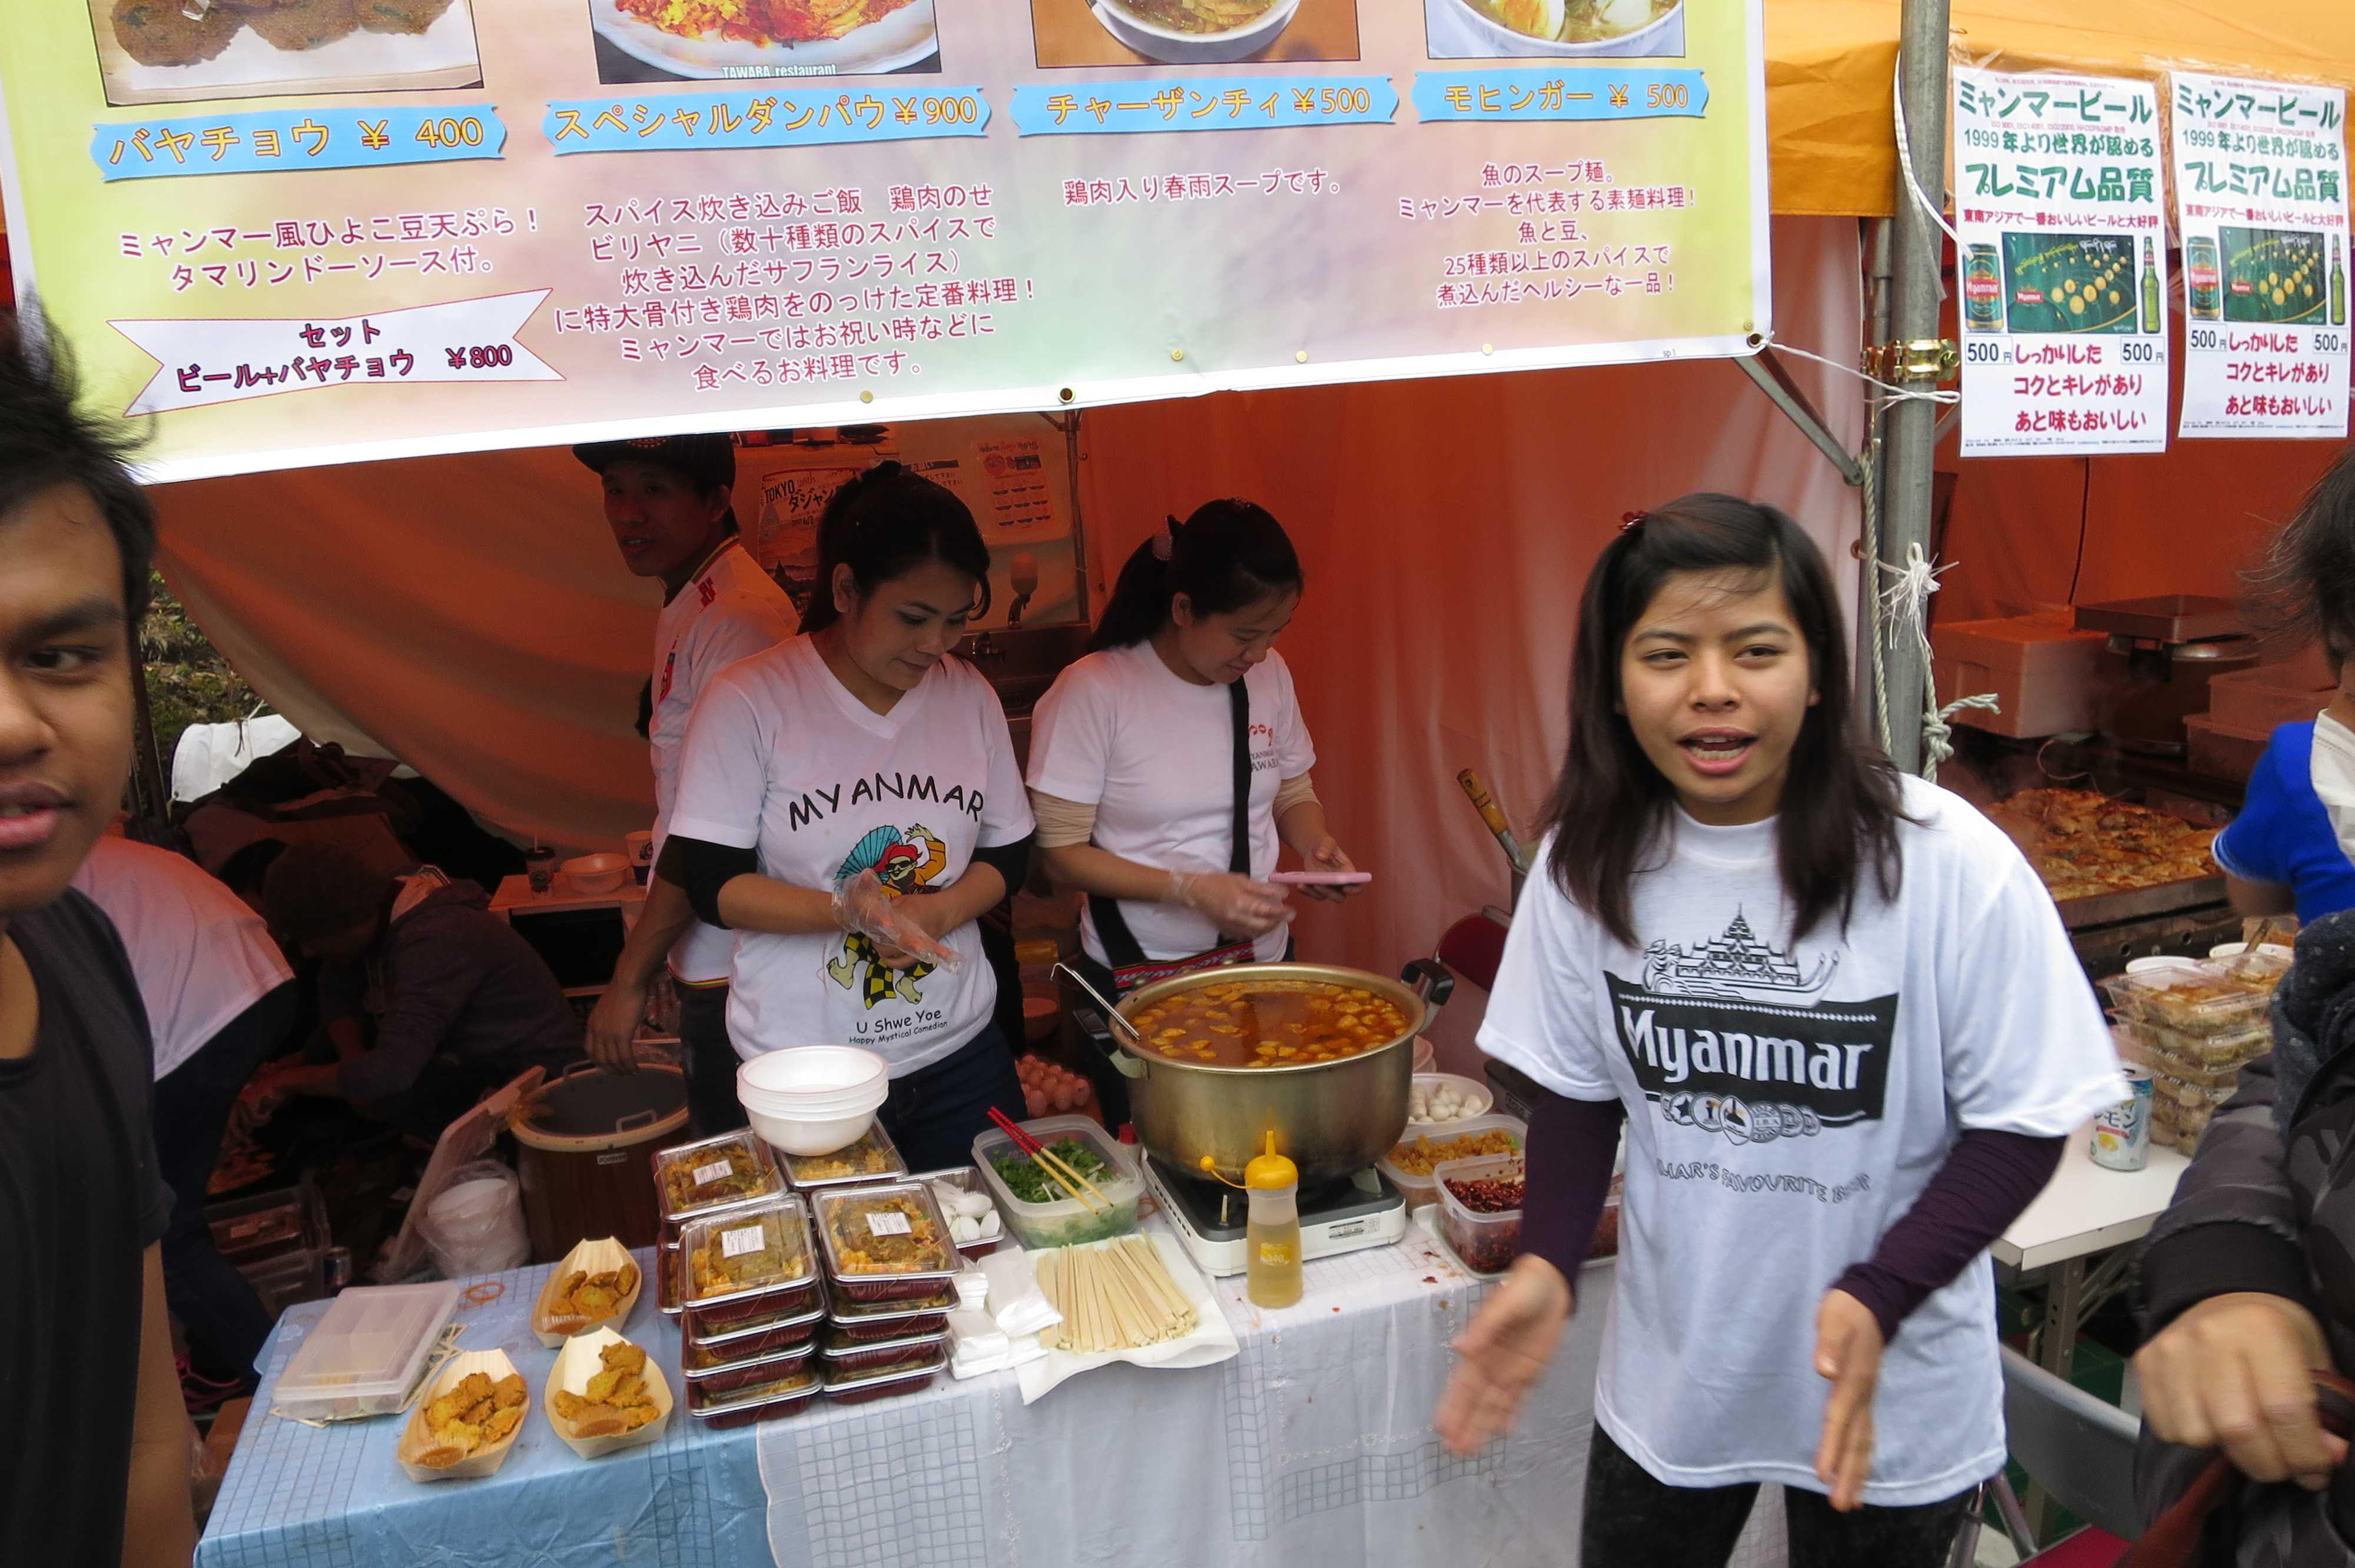 元気で明るい呼び込みの女の子 - ミャンマー祭り2016